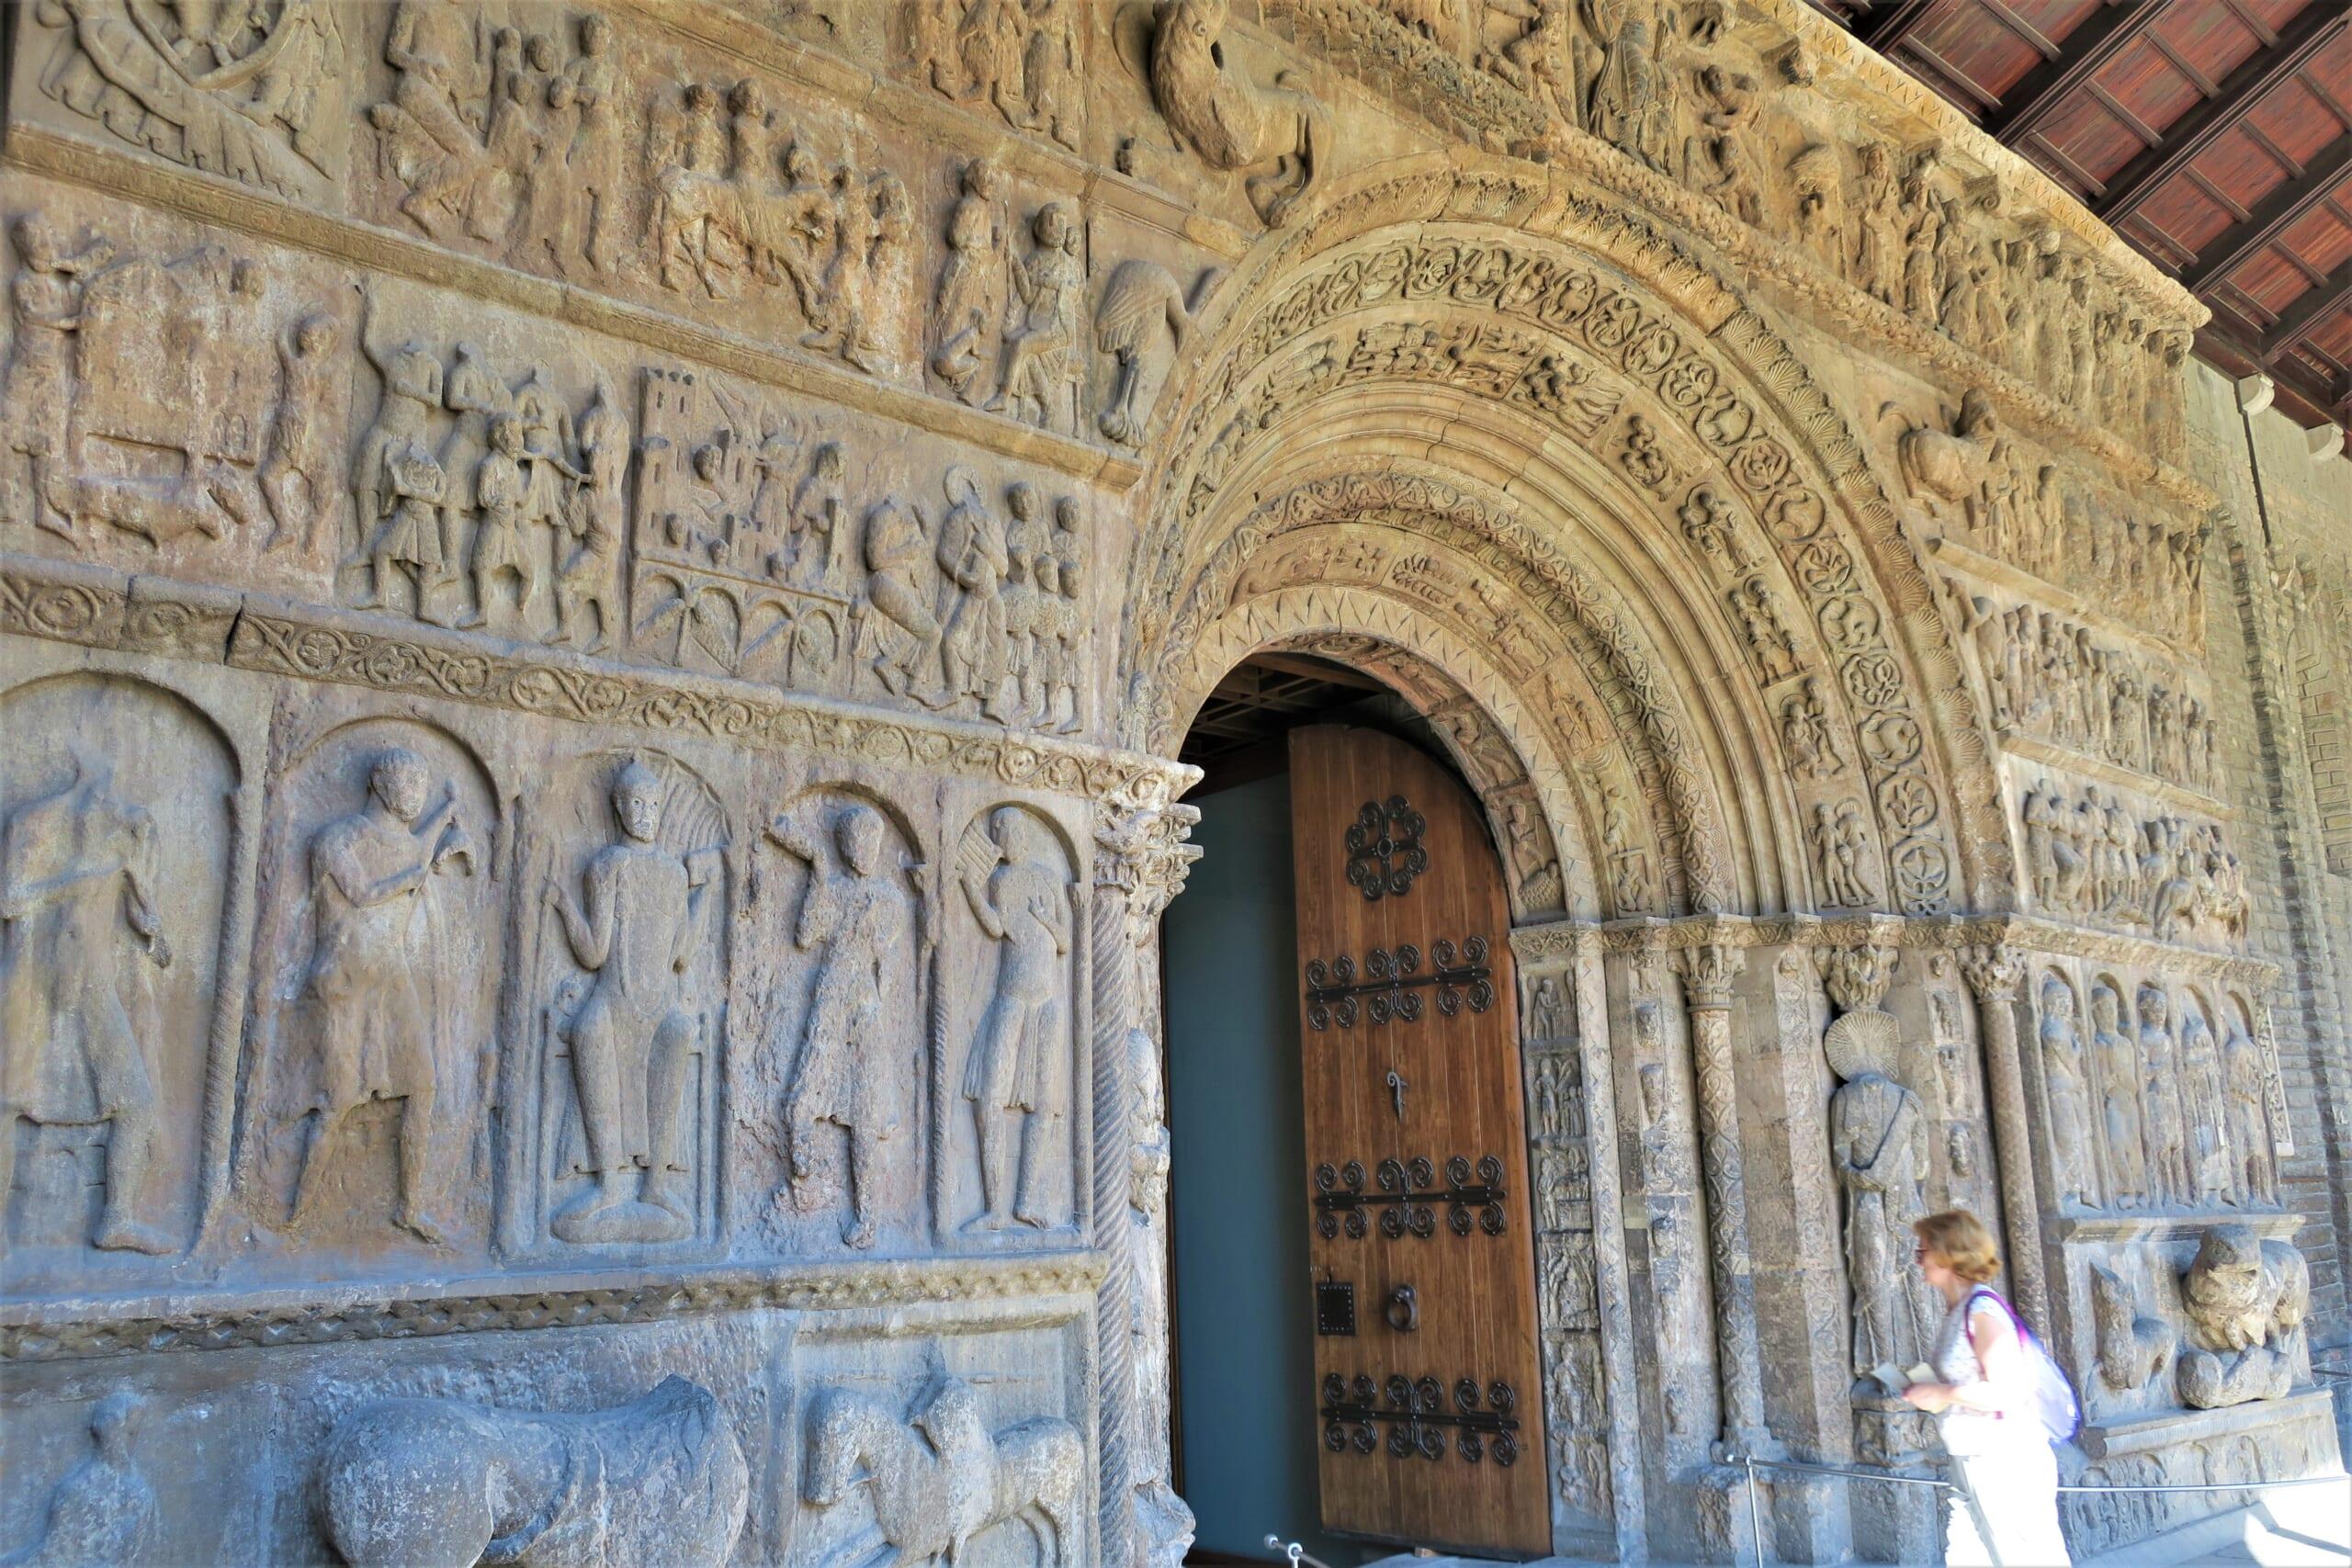 北スペインの観光スポットであるカタルーニャ、リポイのサンタ・マリア修道院